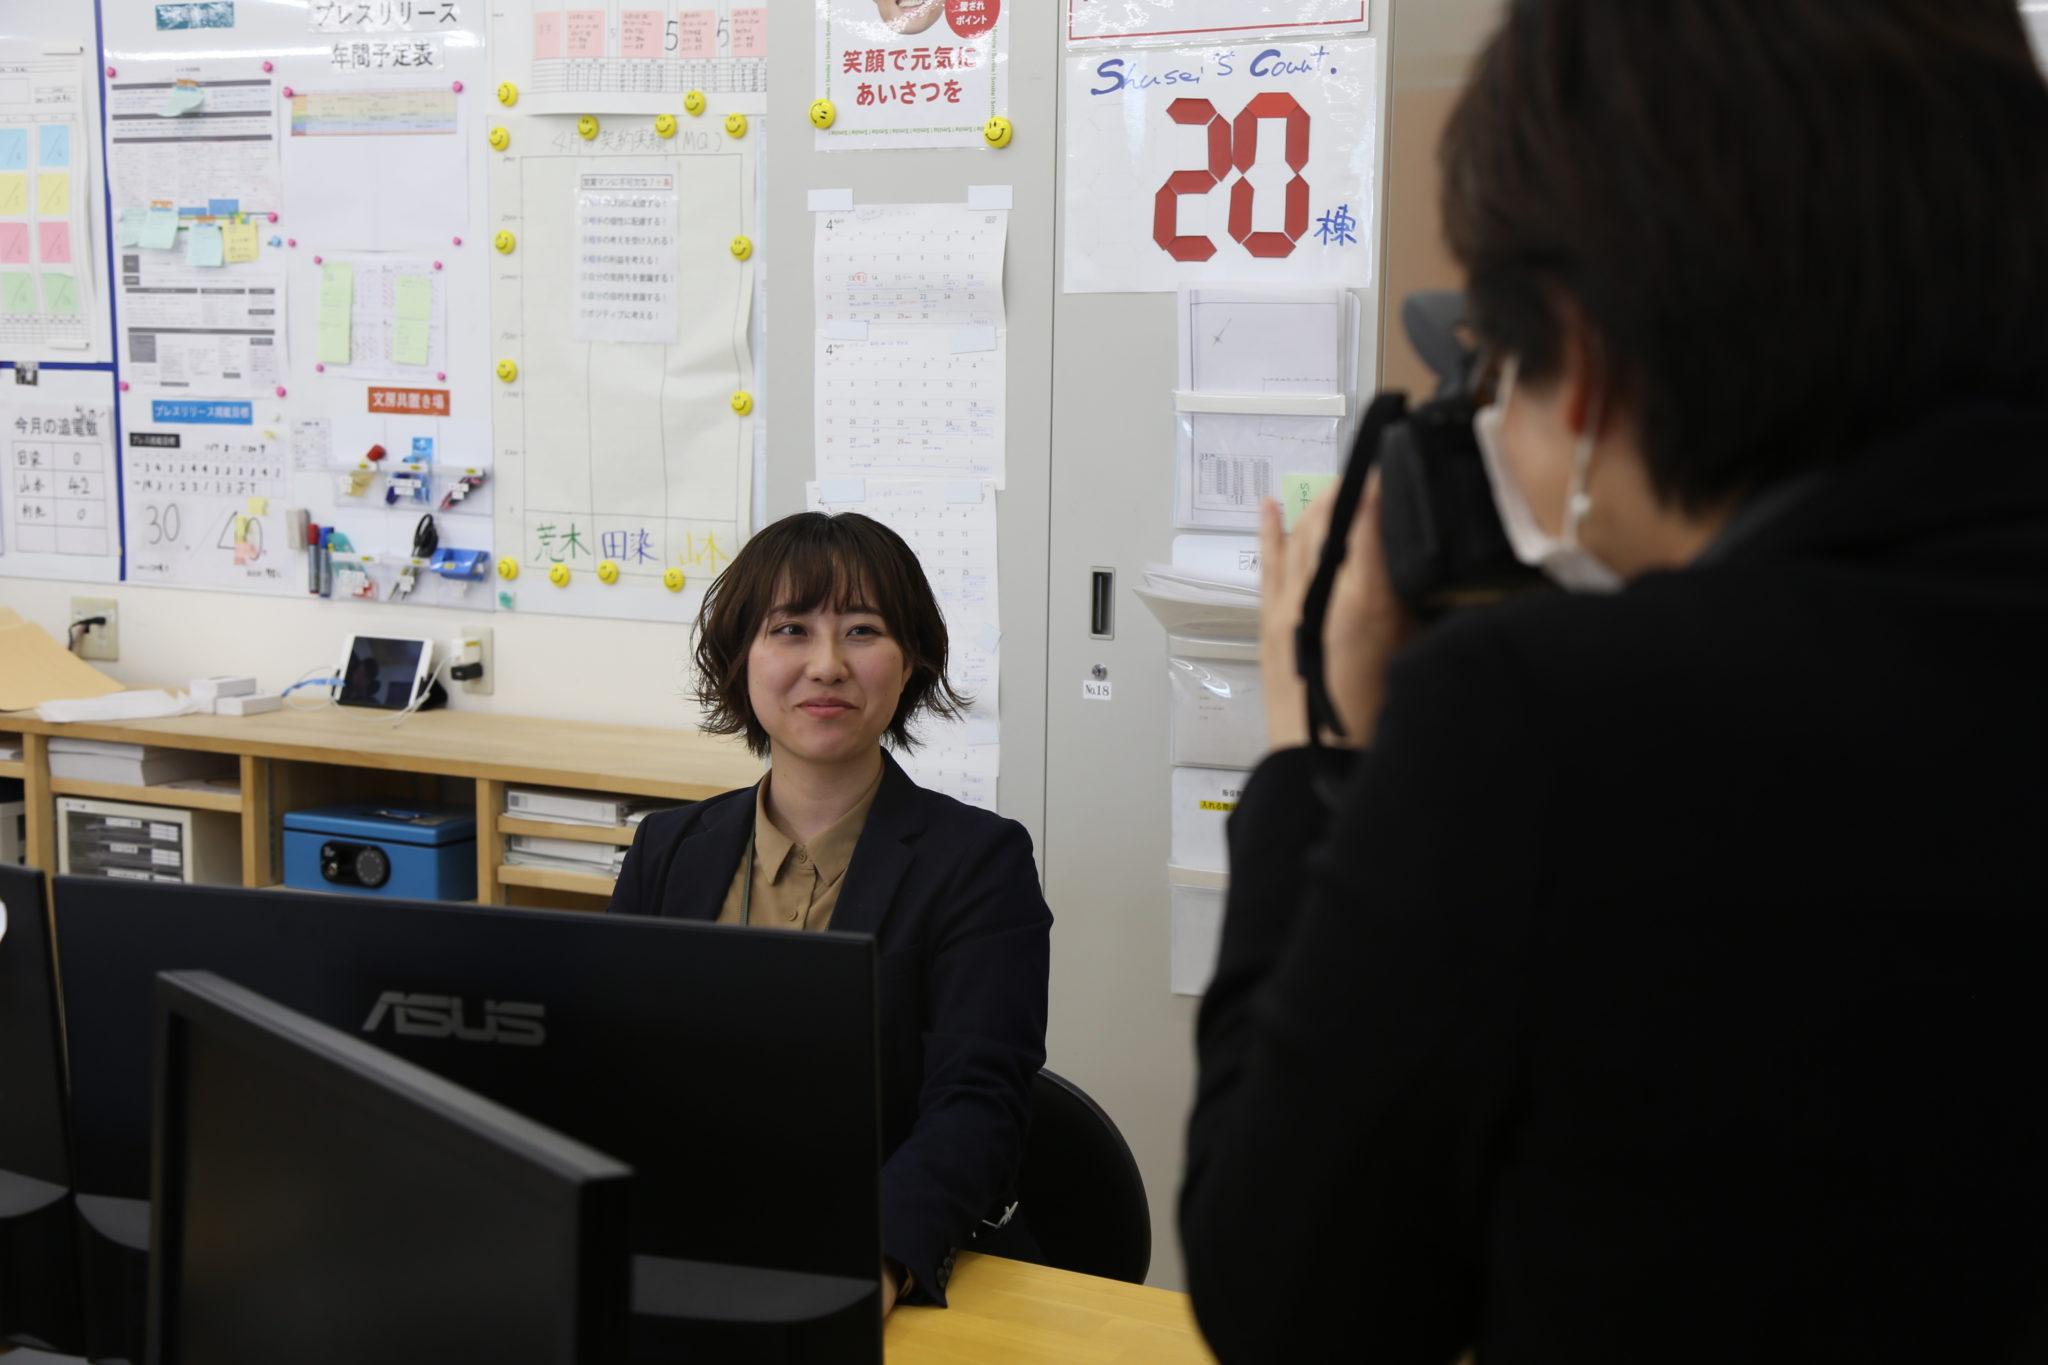 上司の存在|大分市の工務店 SAKAI採用情報ブログ